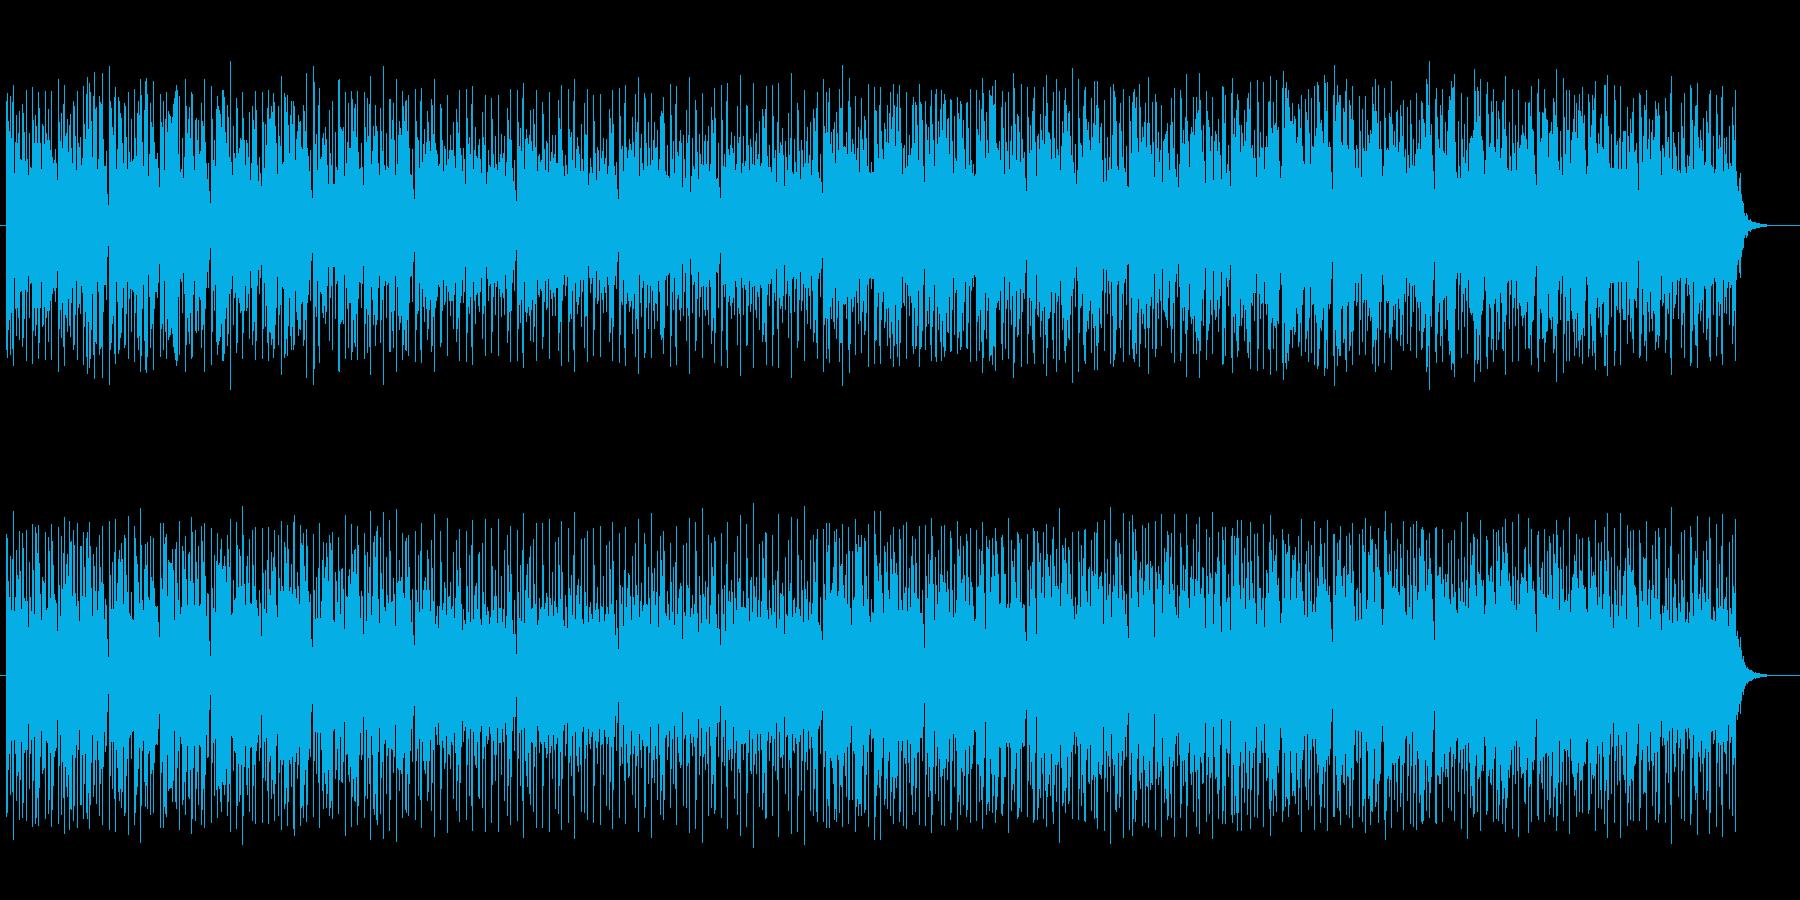 宇宙感と和風ミックスのシンセテクノの再生済みの波形